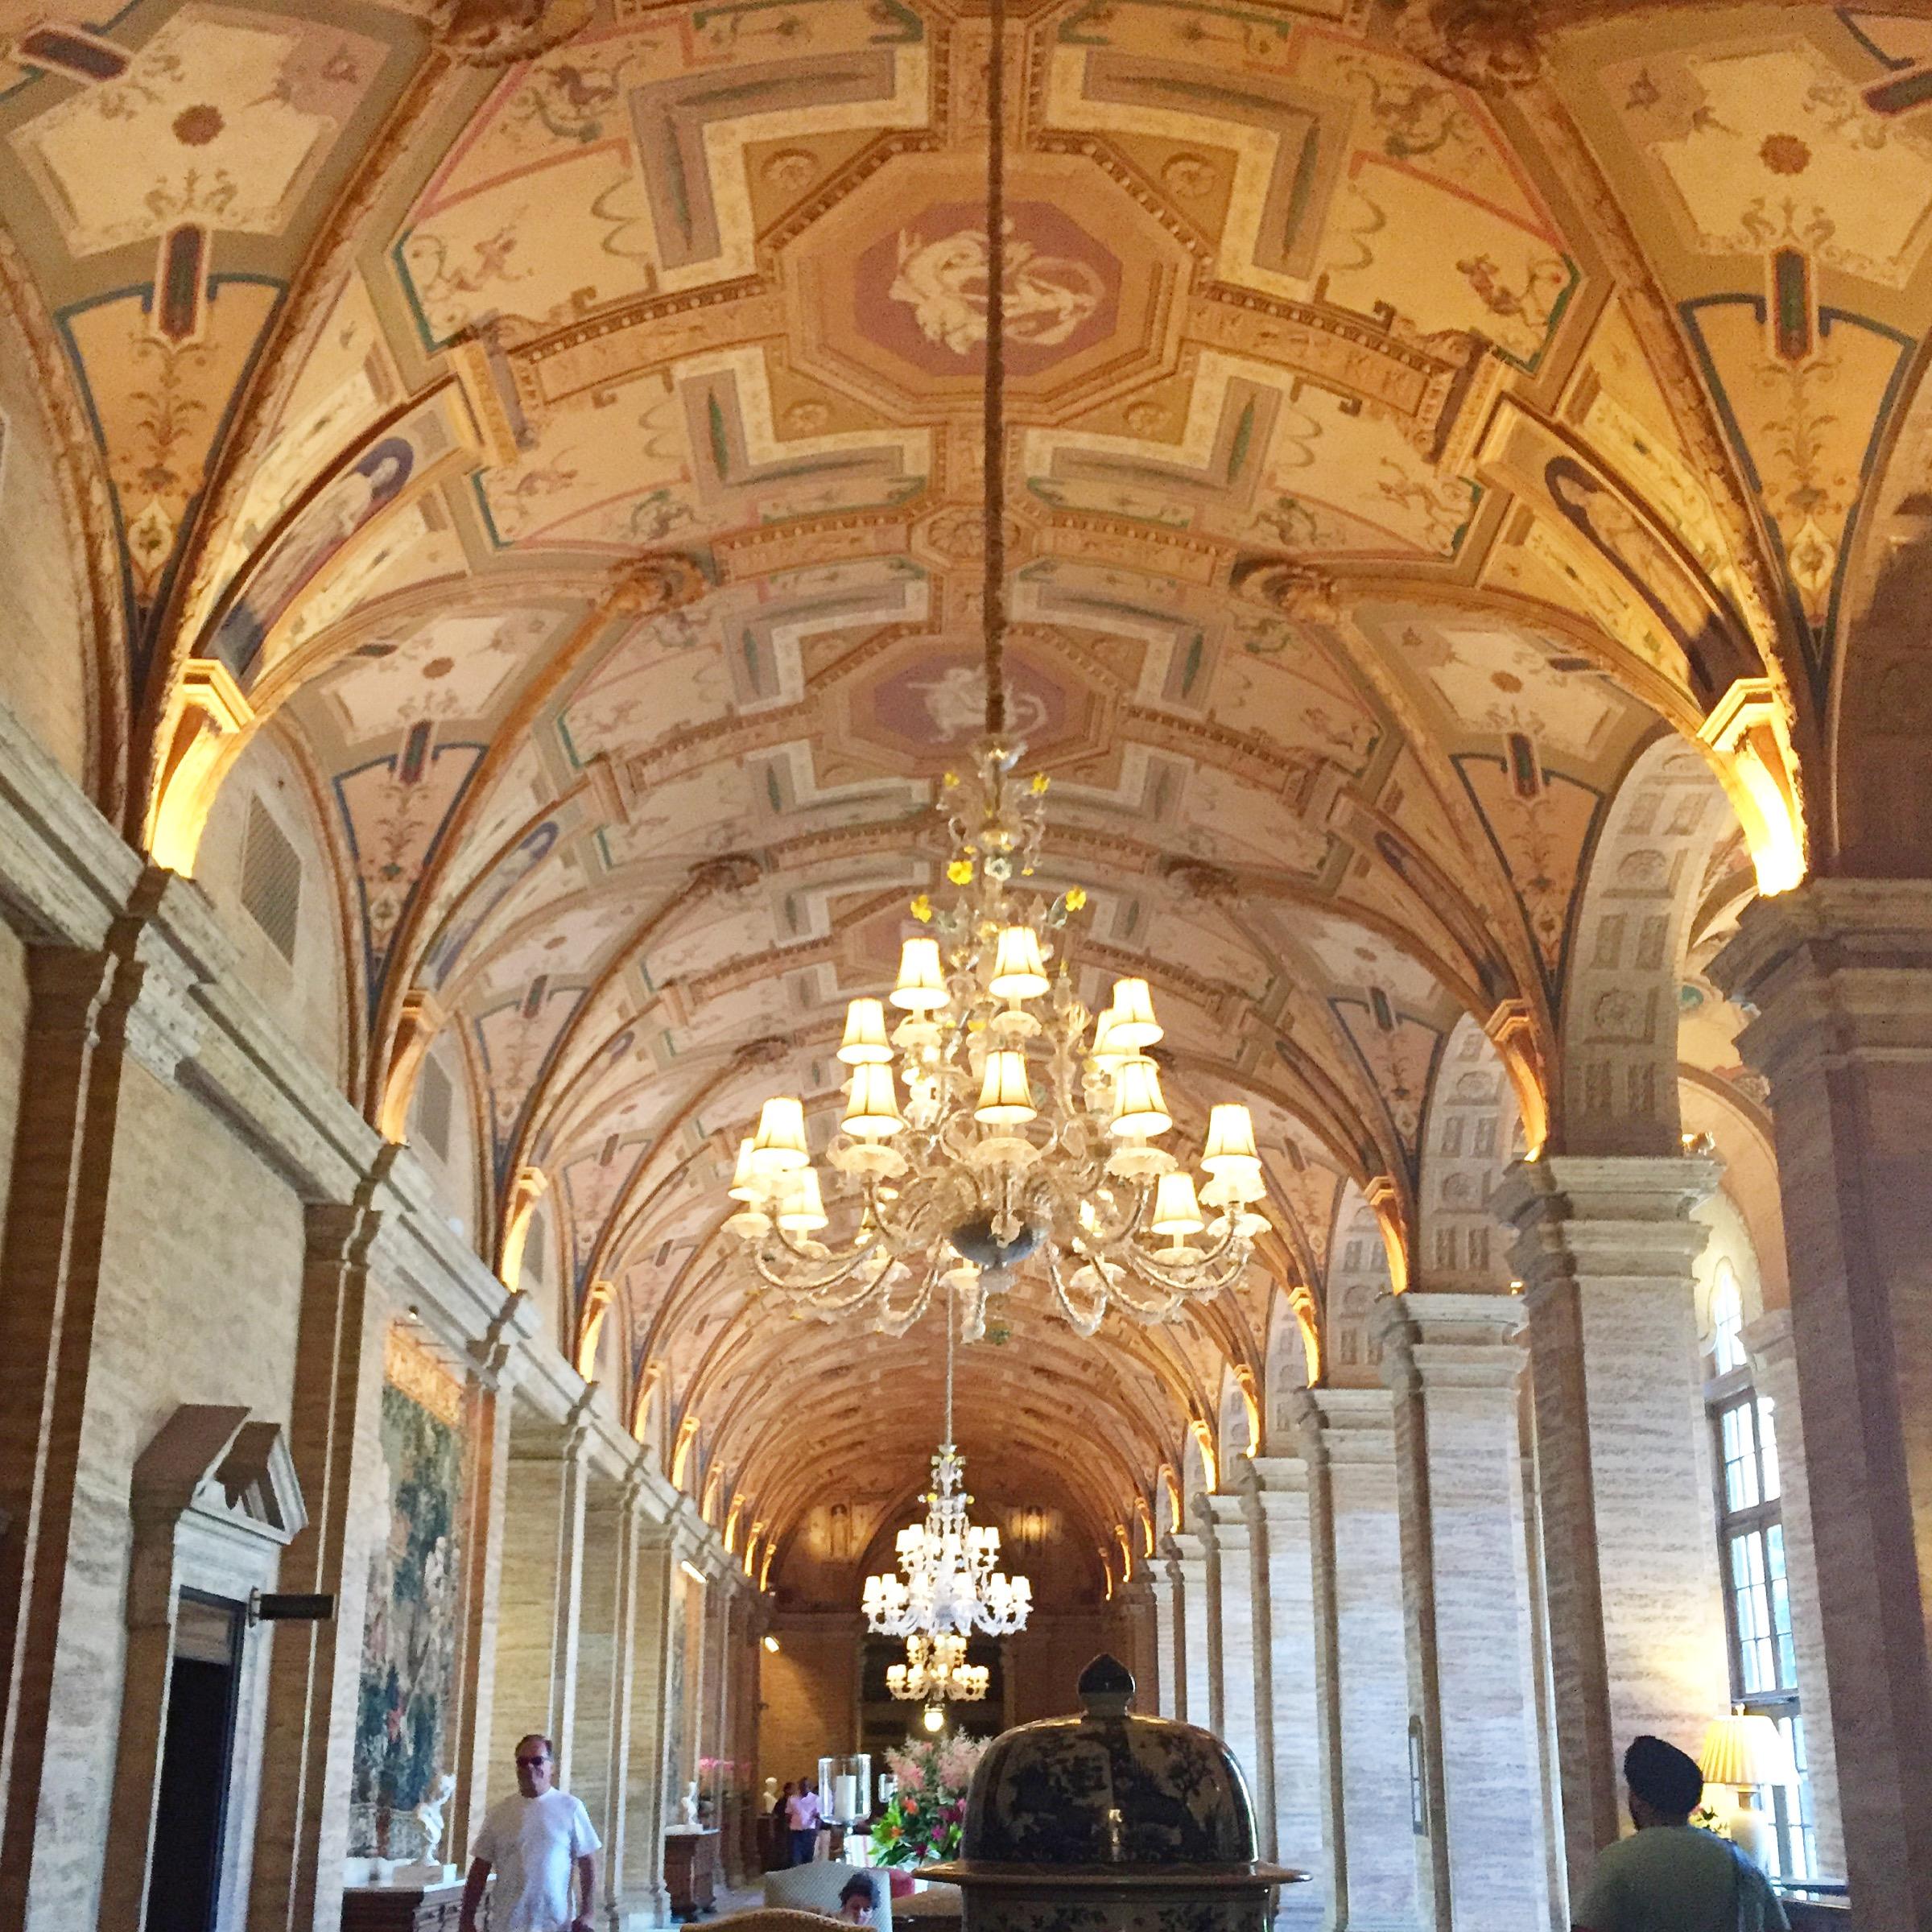 TheBreakers-lobby-high-ceilings